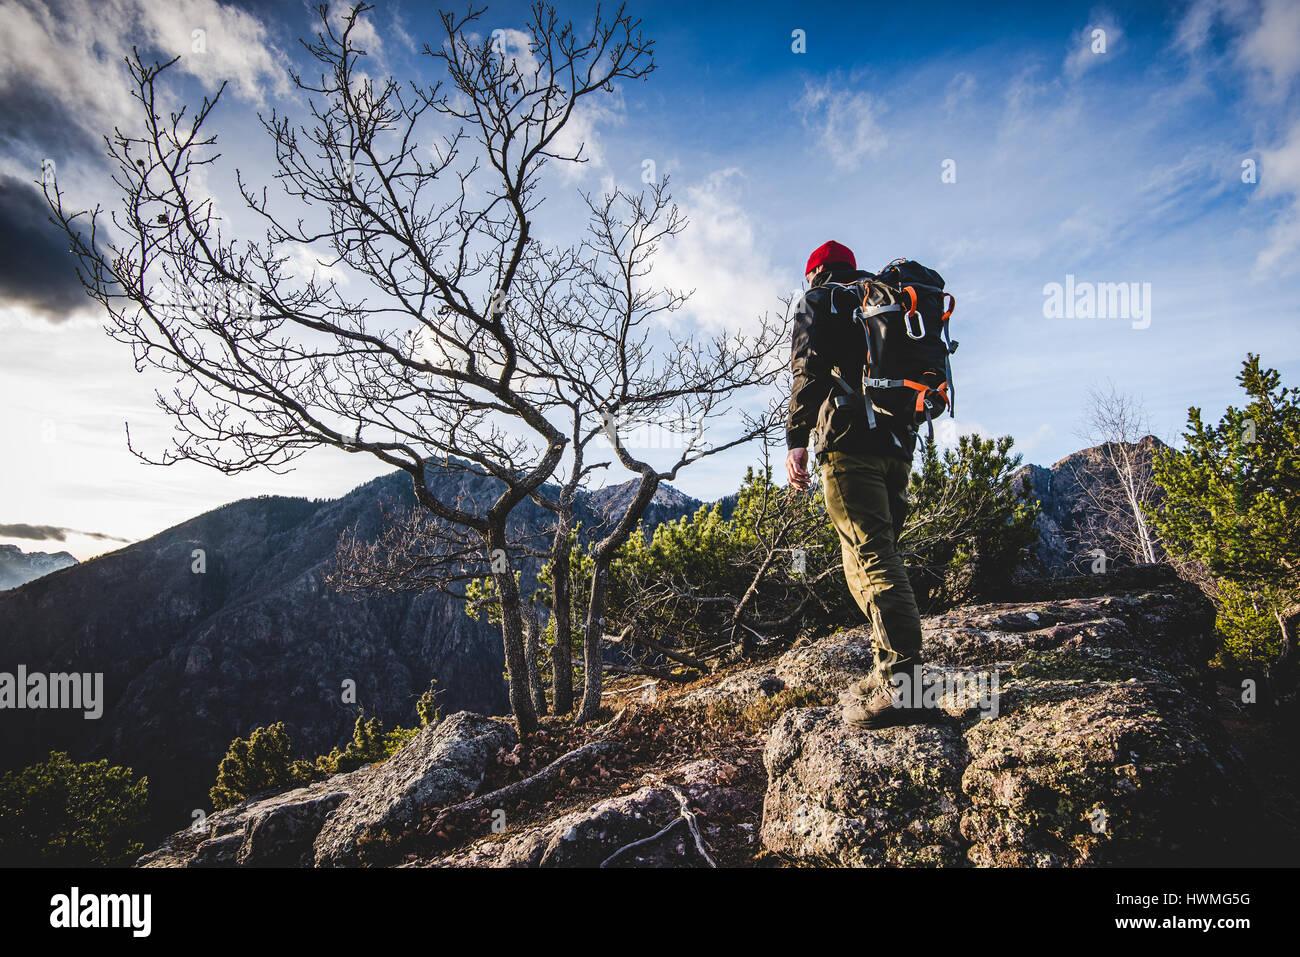 Randonnée randonneur sur un sentier de montagne dans les bois - wanderlust travel concept avec les sportifs Photo Stock